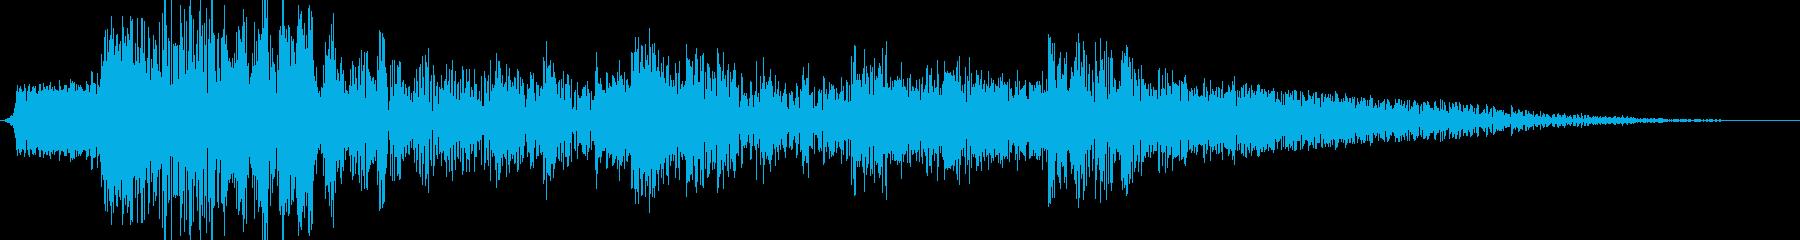 ラッツリーメタルインパクトサッドヒ...の再生済みの波形